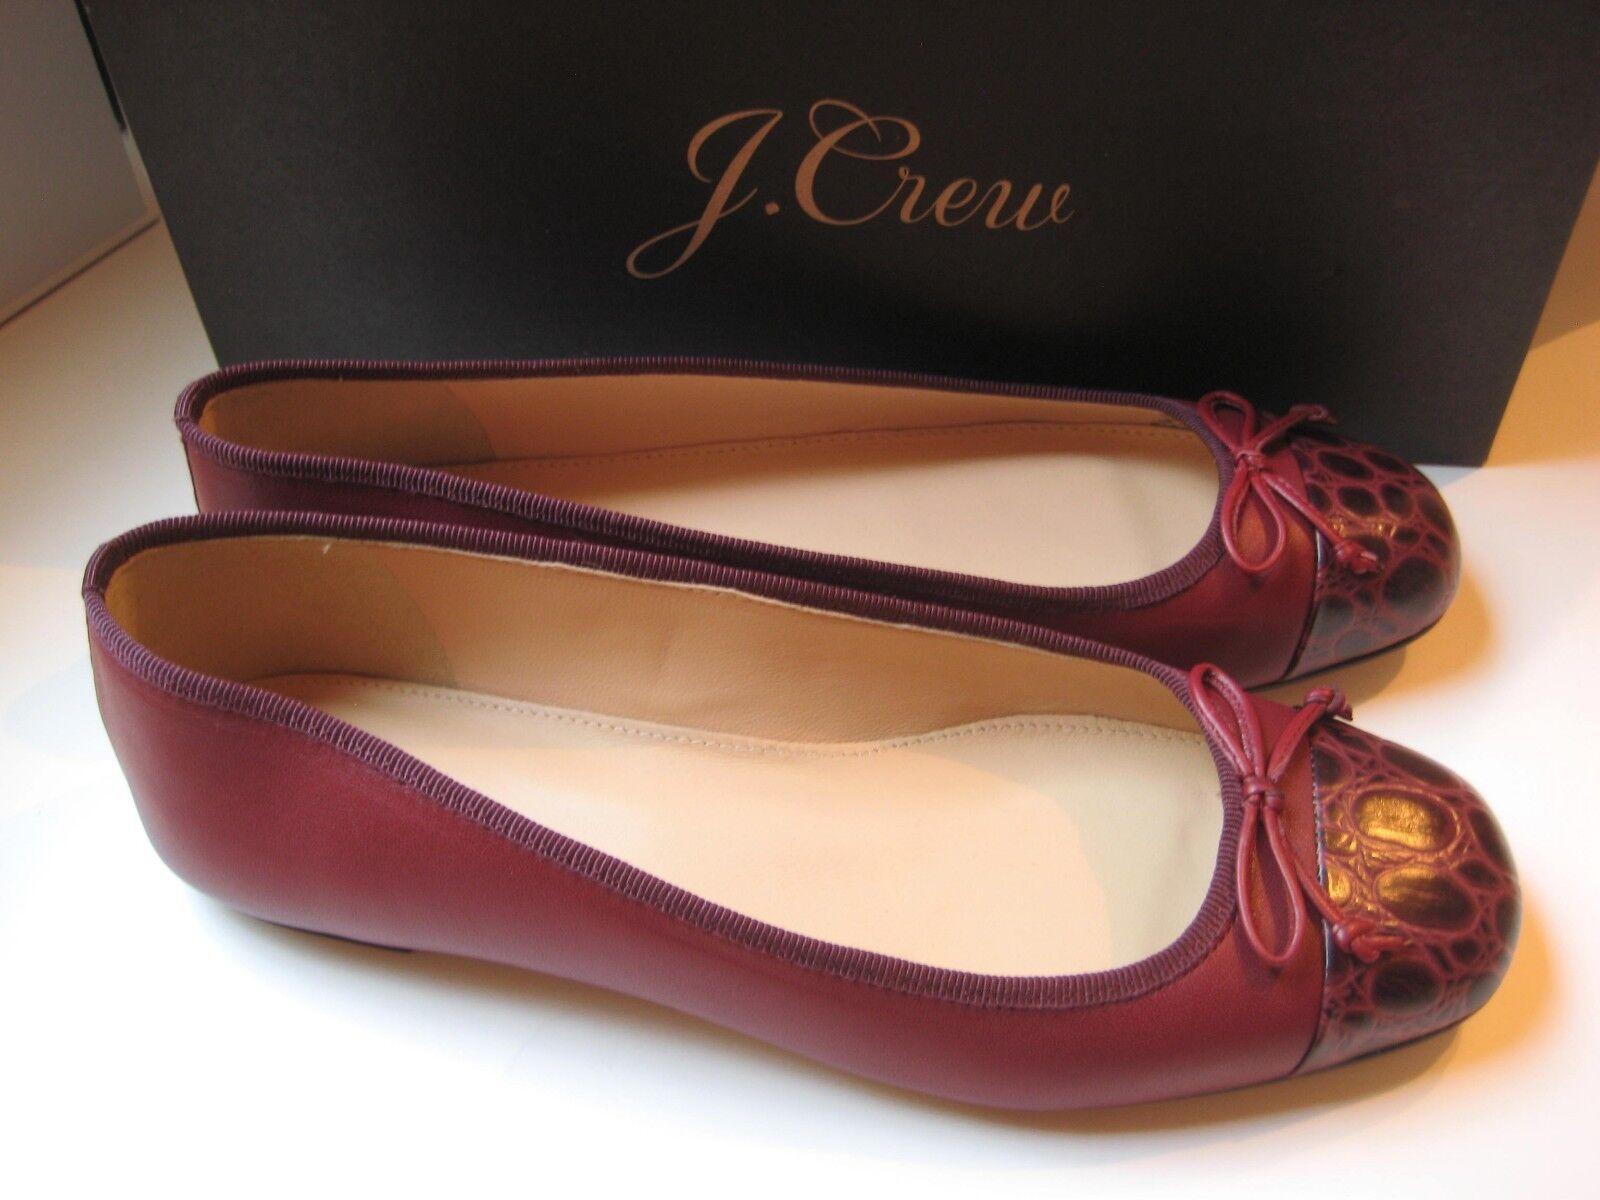 138 Nuevo Nuevo Nuevo en Caja  J Crew Lily Puntera Ballet Zapatos sin Taco   vivos Borgoña Talla 7  forma única